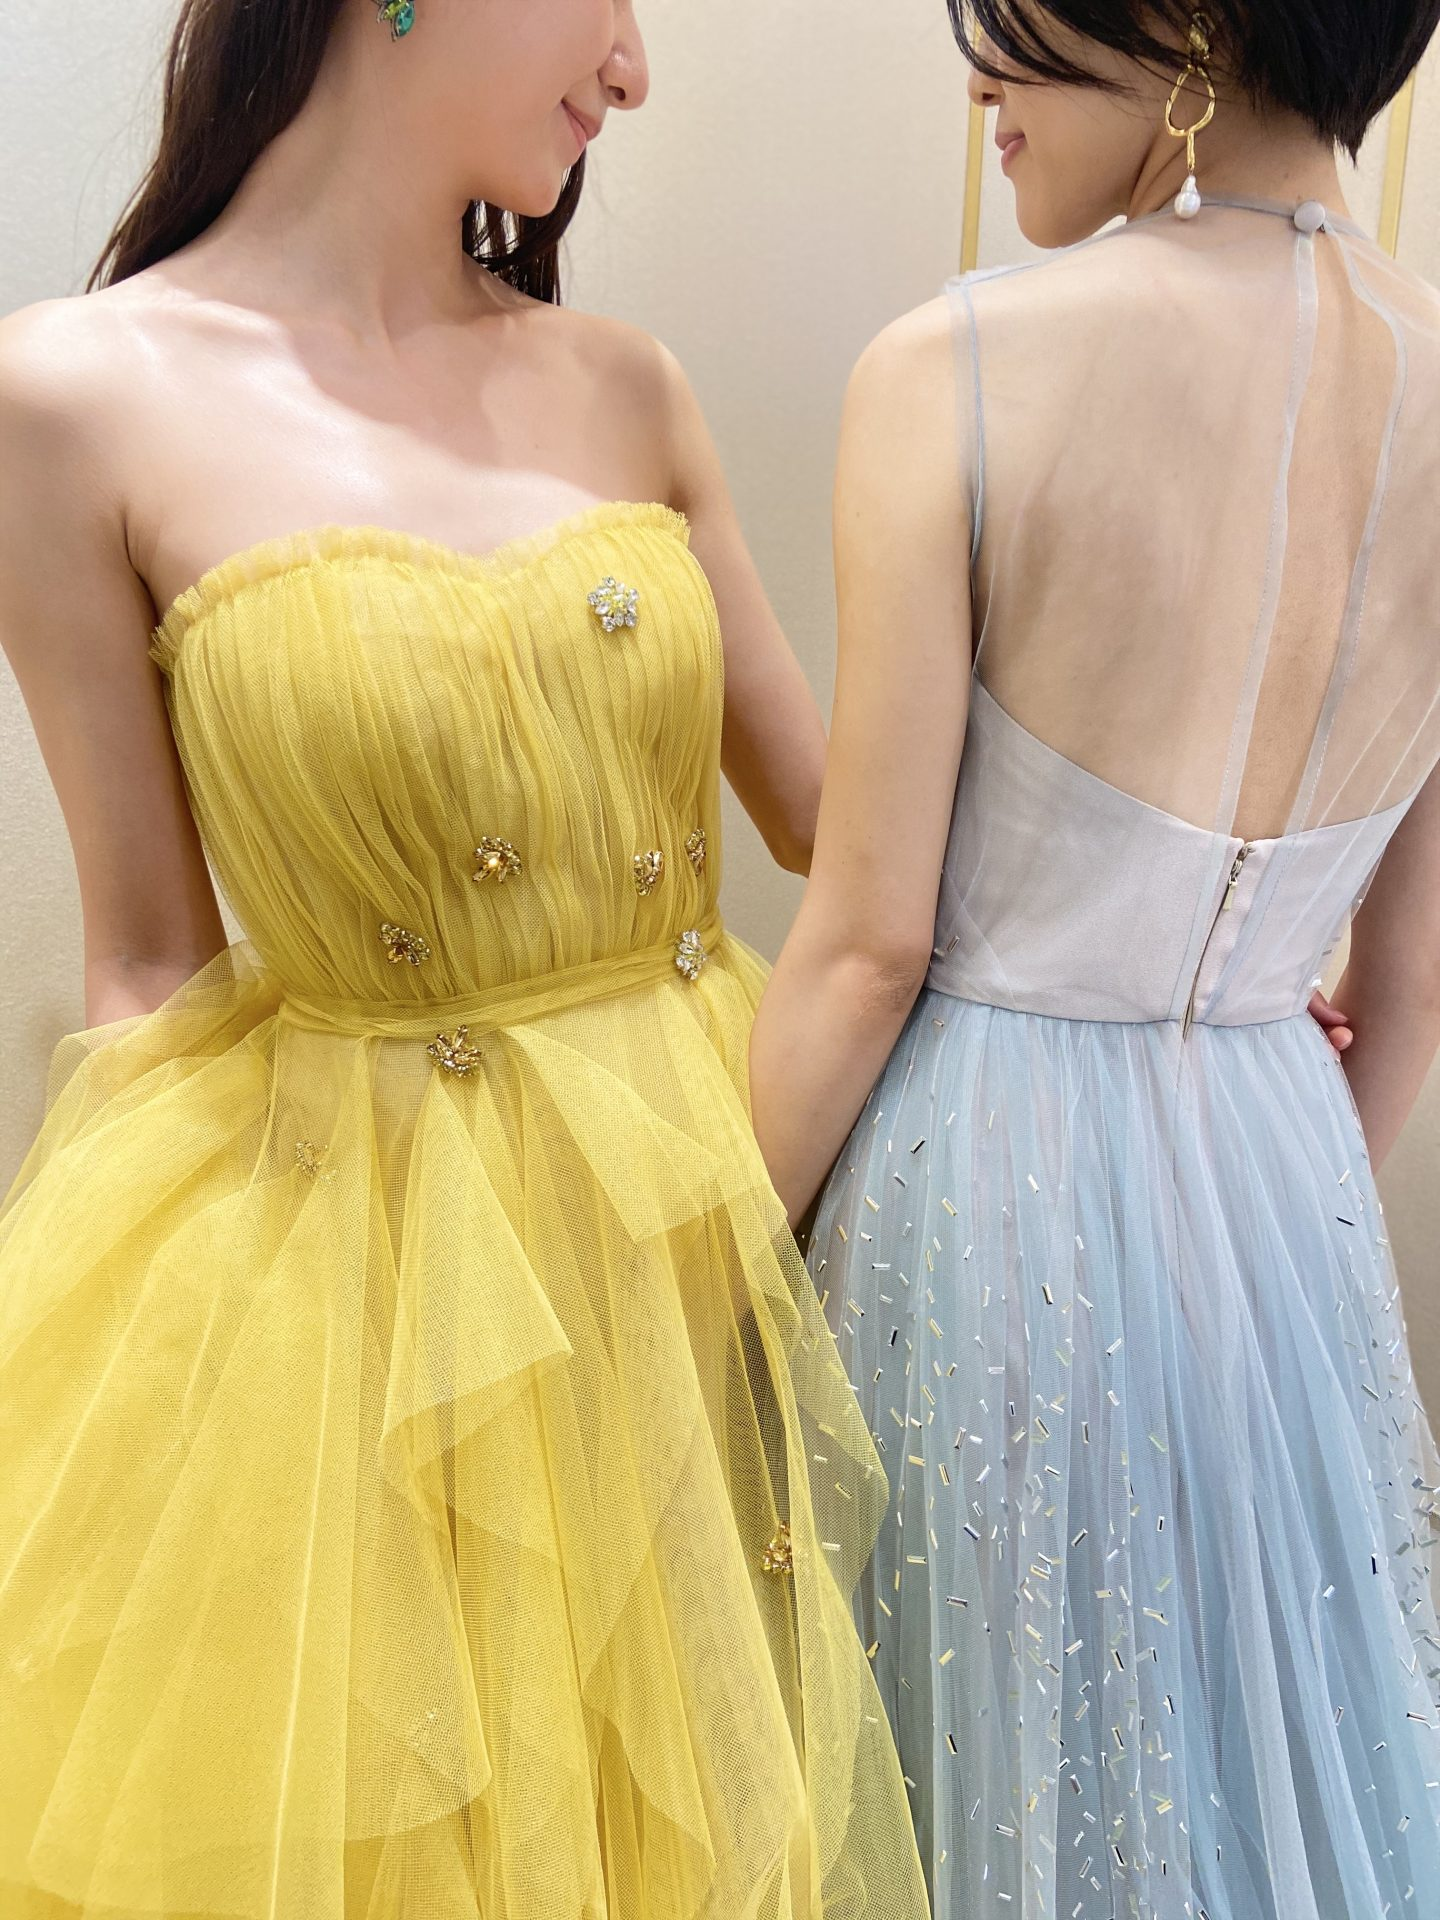 ザ・トリート・ドレッシングがセレクトしたインポートの色鮮やかな人気のカラードレス